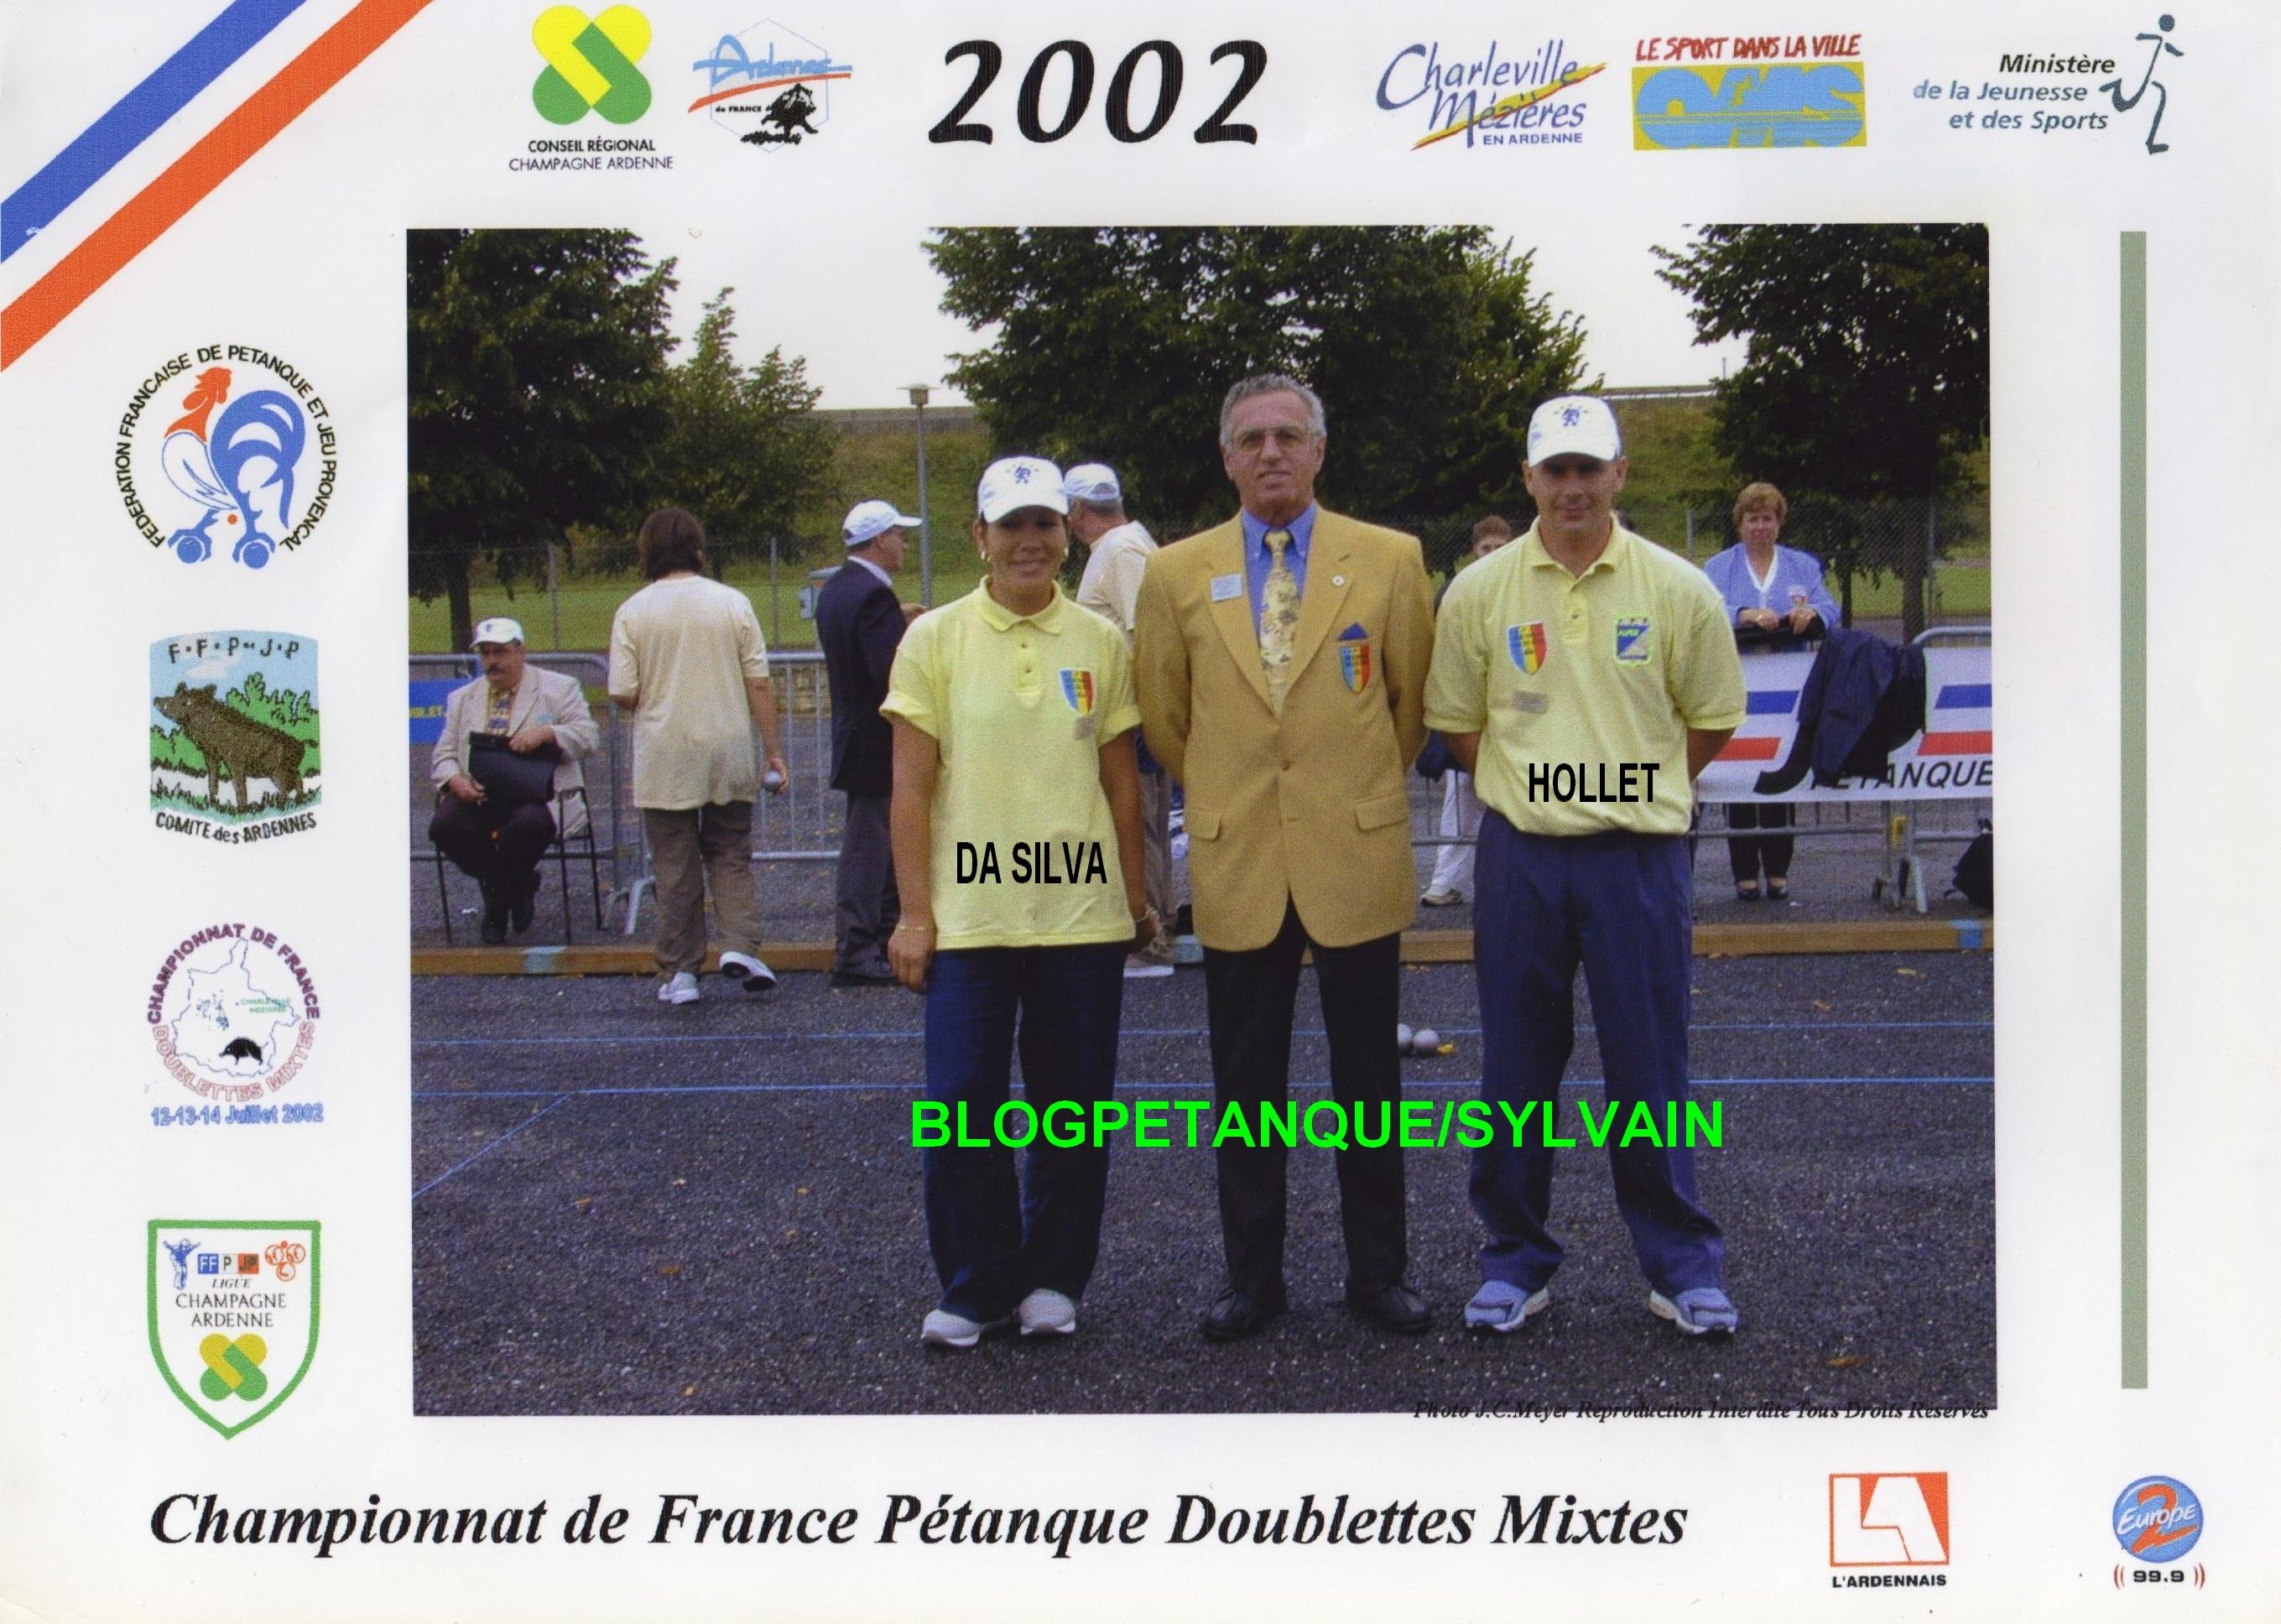 Les vices champions mixtes du 06 qualifiés par la ligue